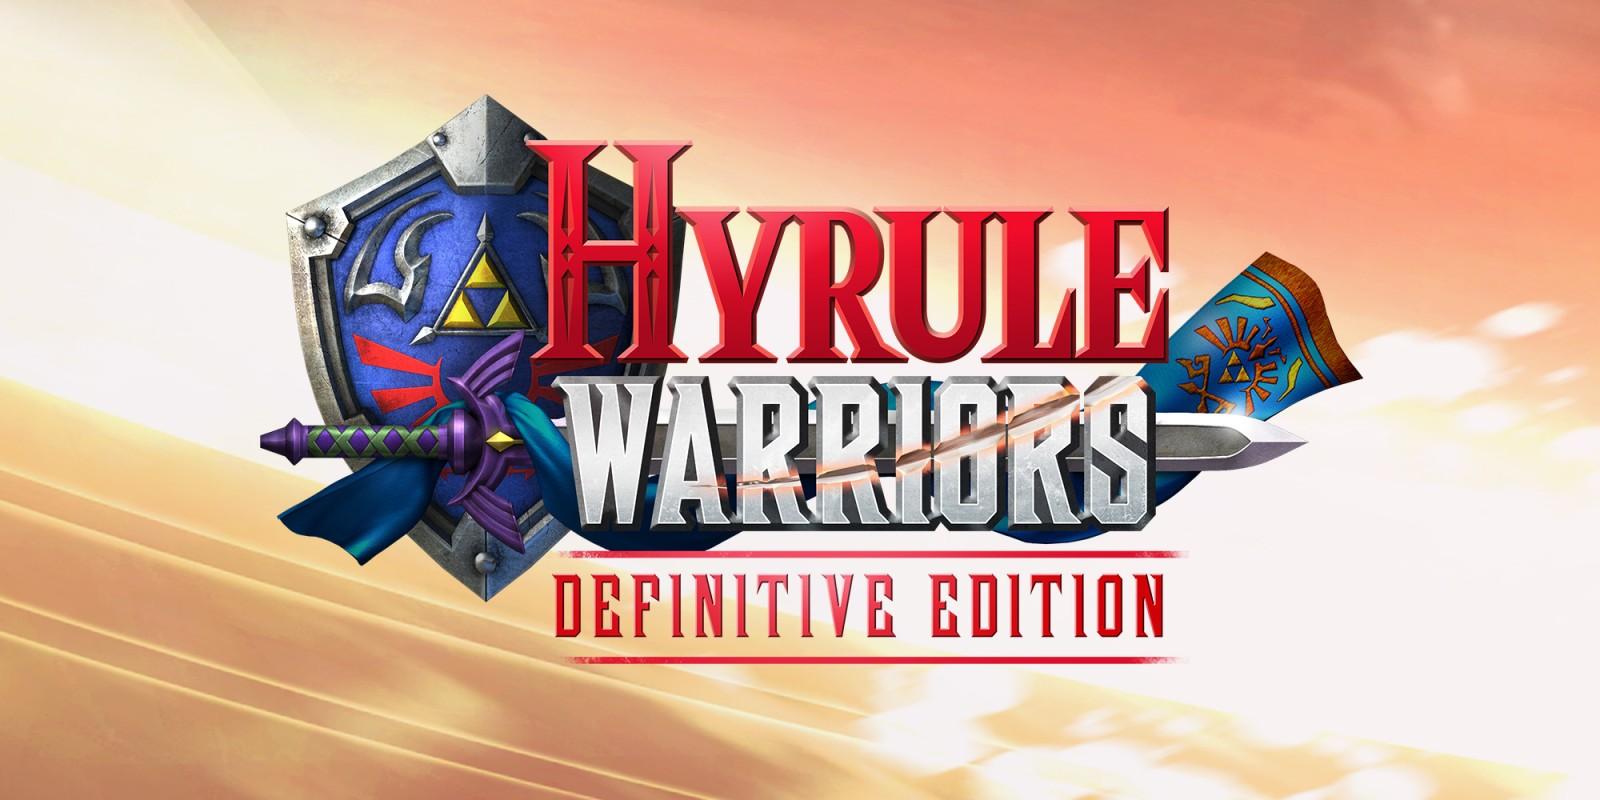 Hyrule Warriors: Definitive Edition ganha data de lançamento no ocidente e boxart do jogo é revelada